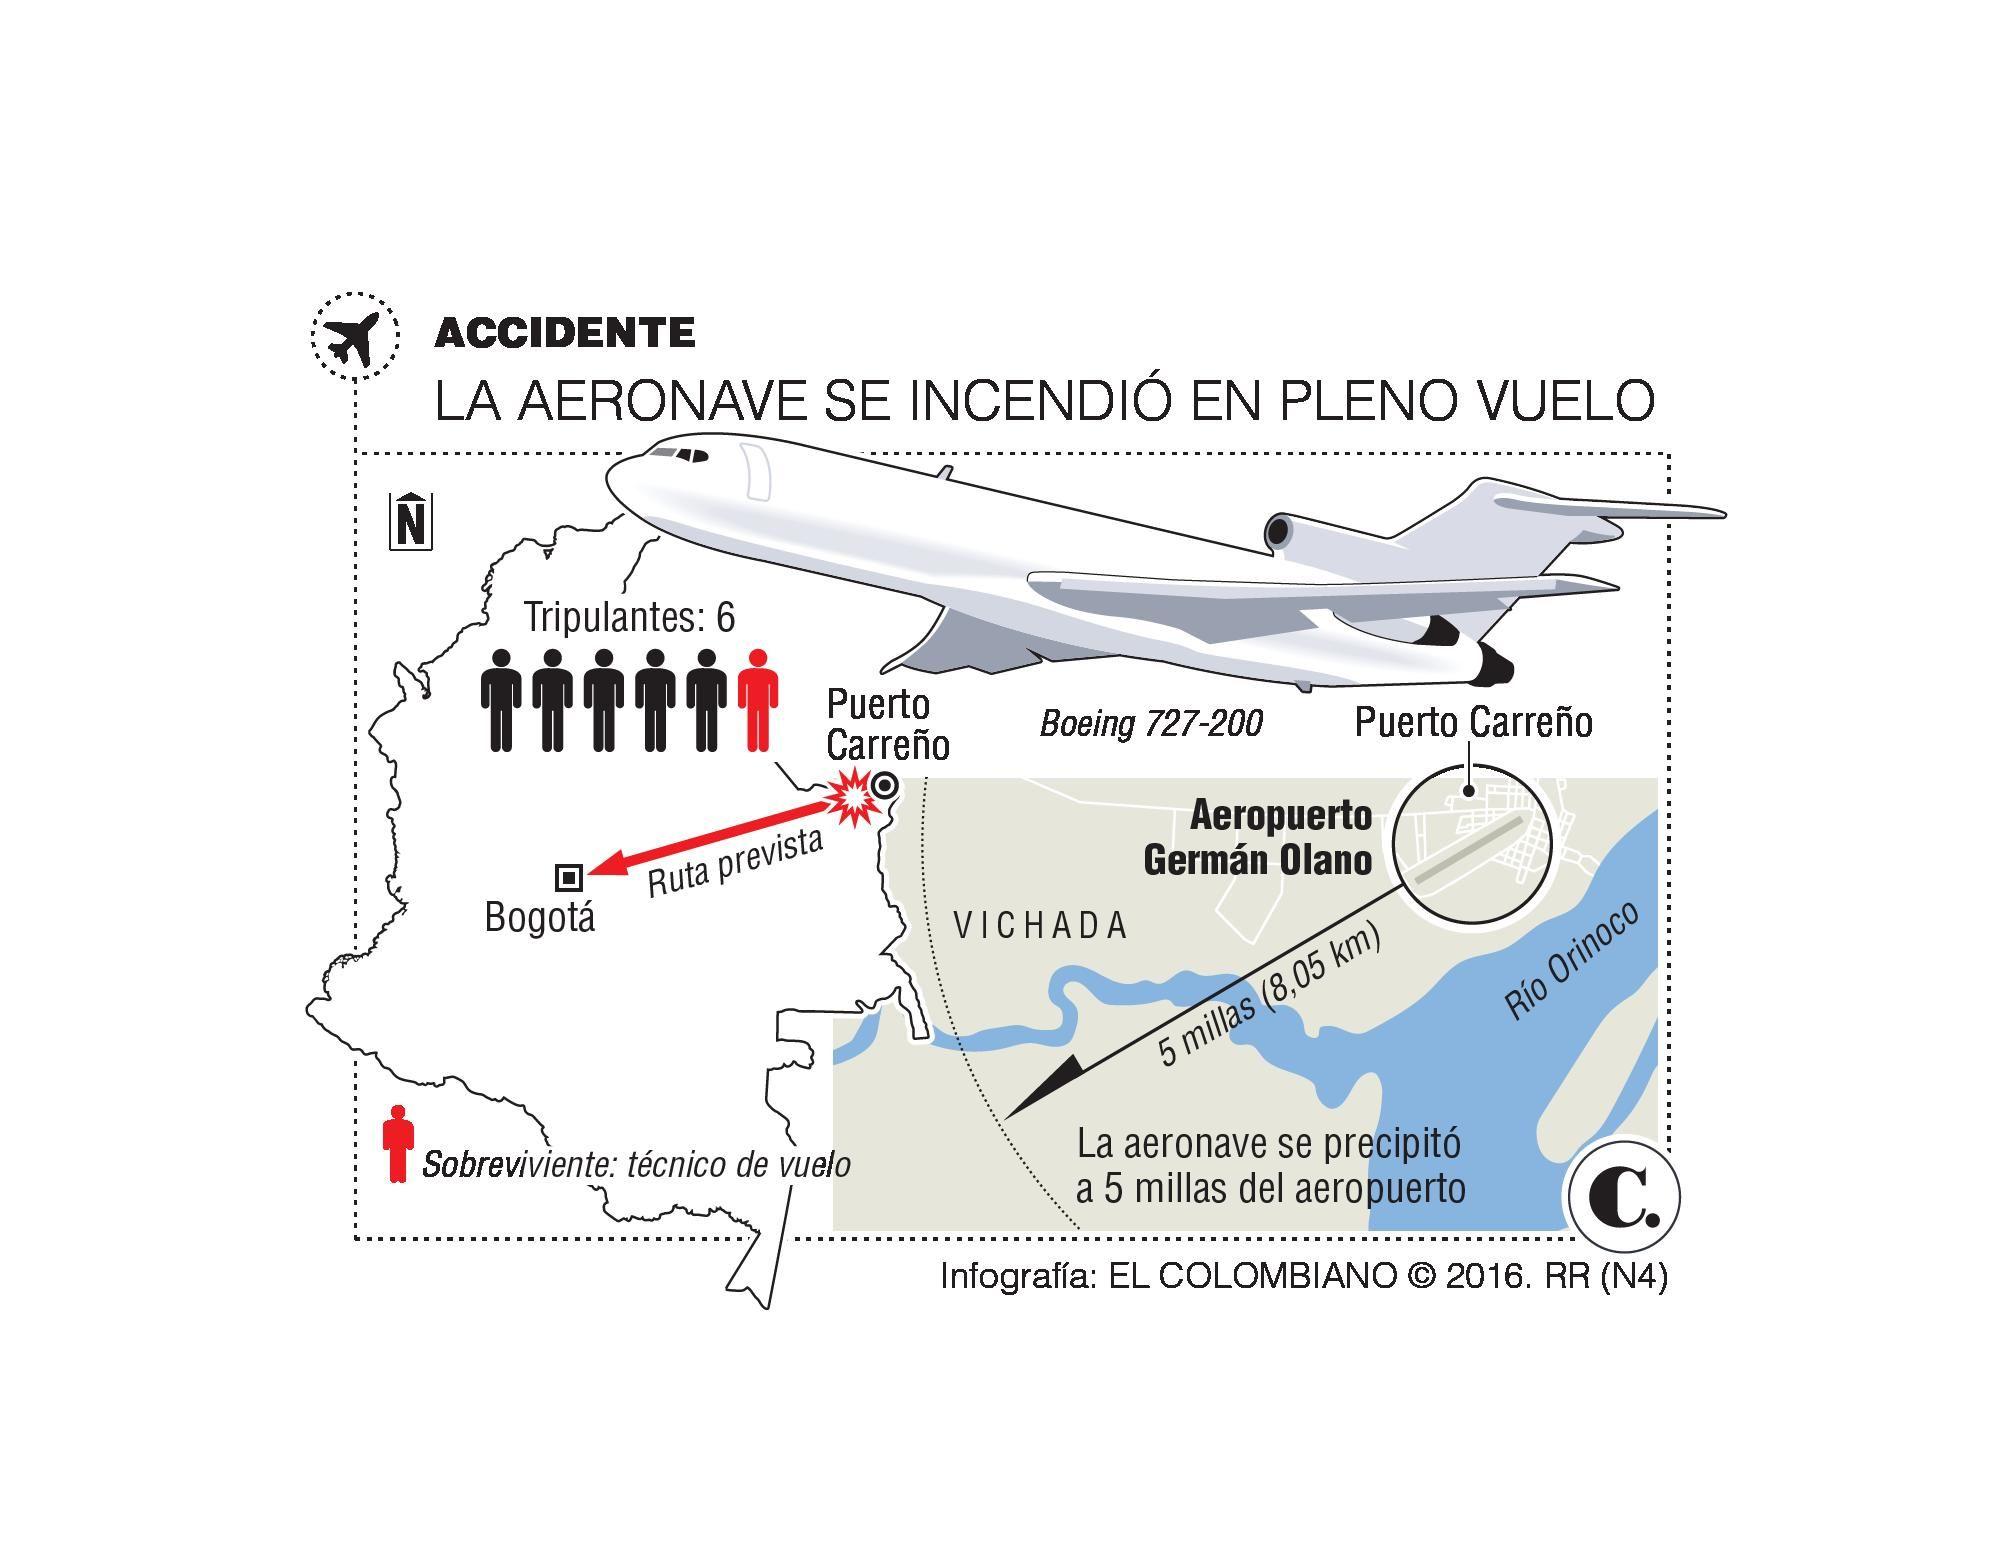 Avión de carga se accidentó con seis tripulantes en Vichada